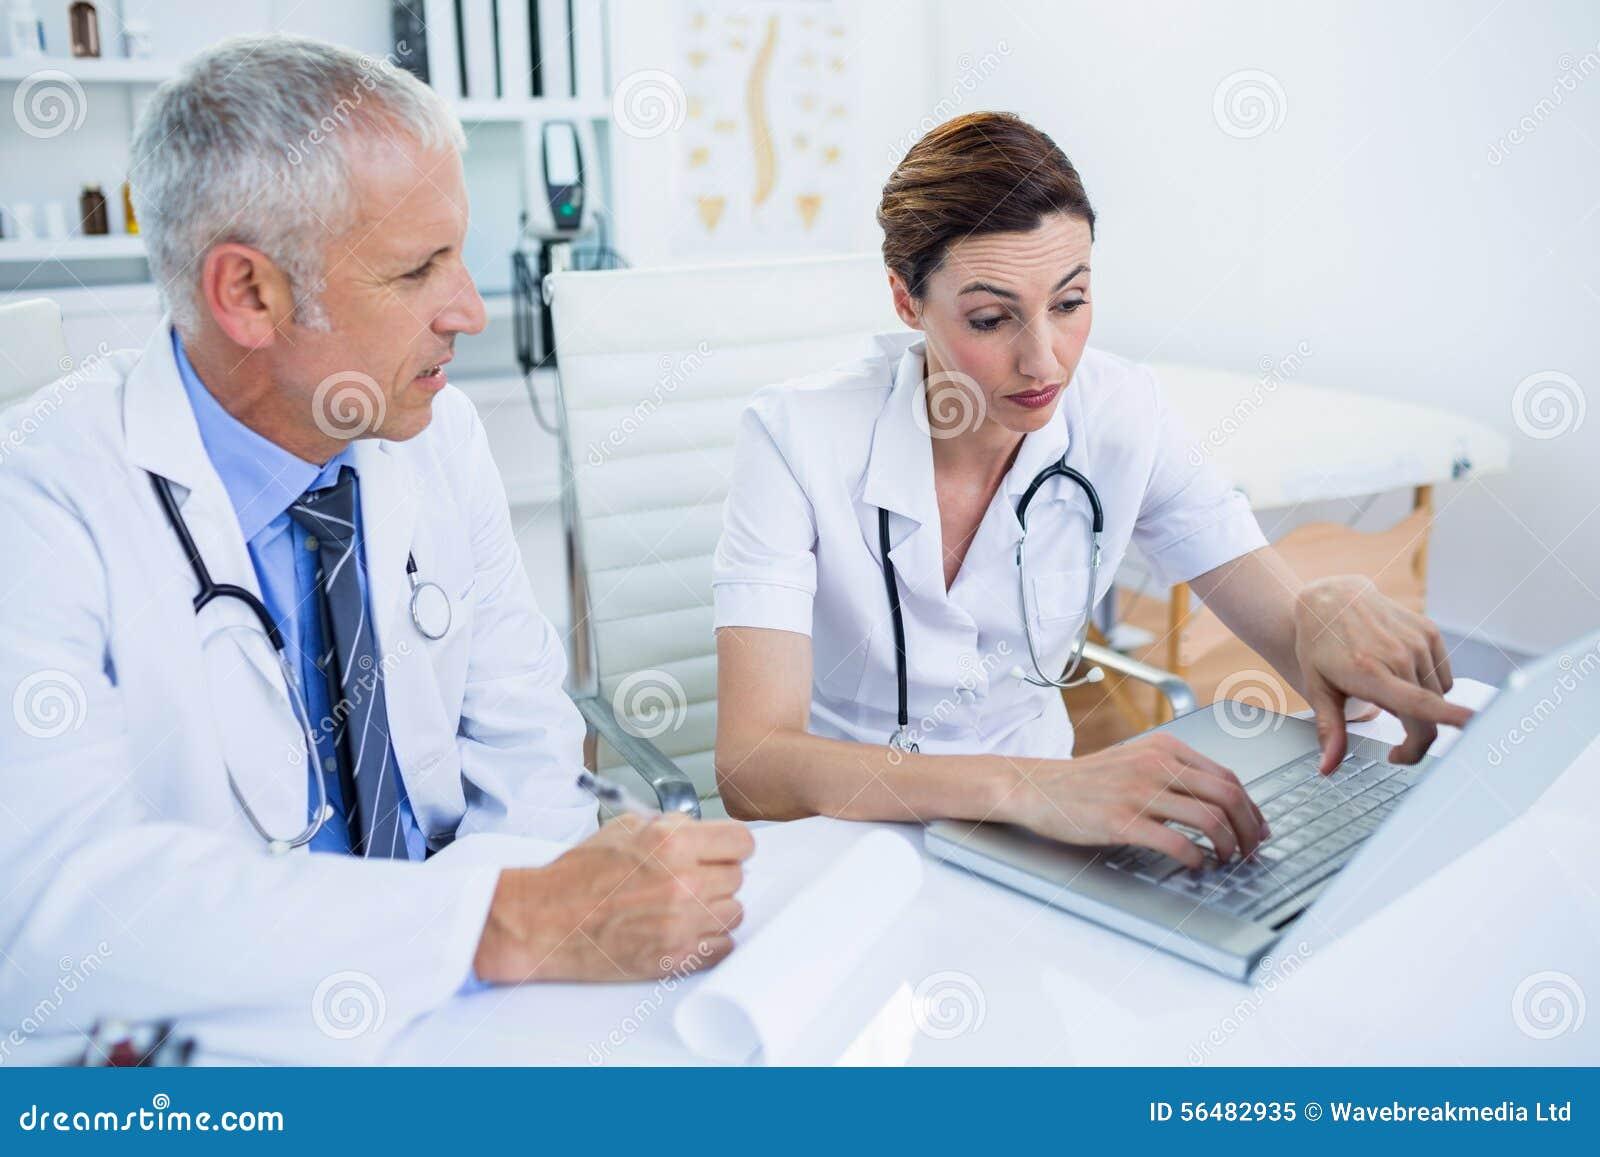 Collègues médicaux concentrés discutant et se dirigeant sur l écran d ordinateur portable